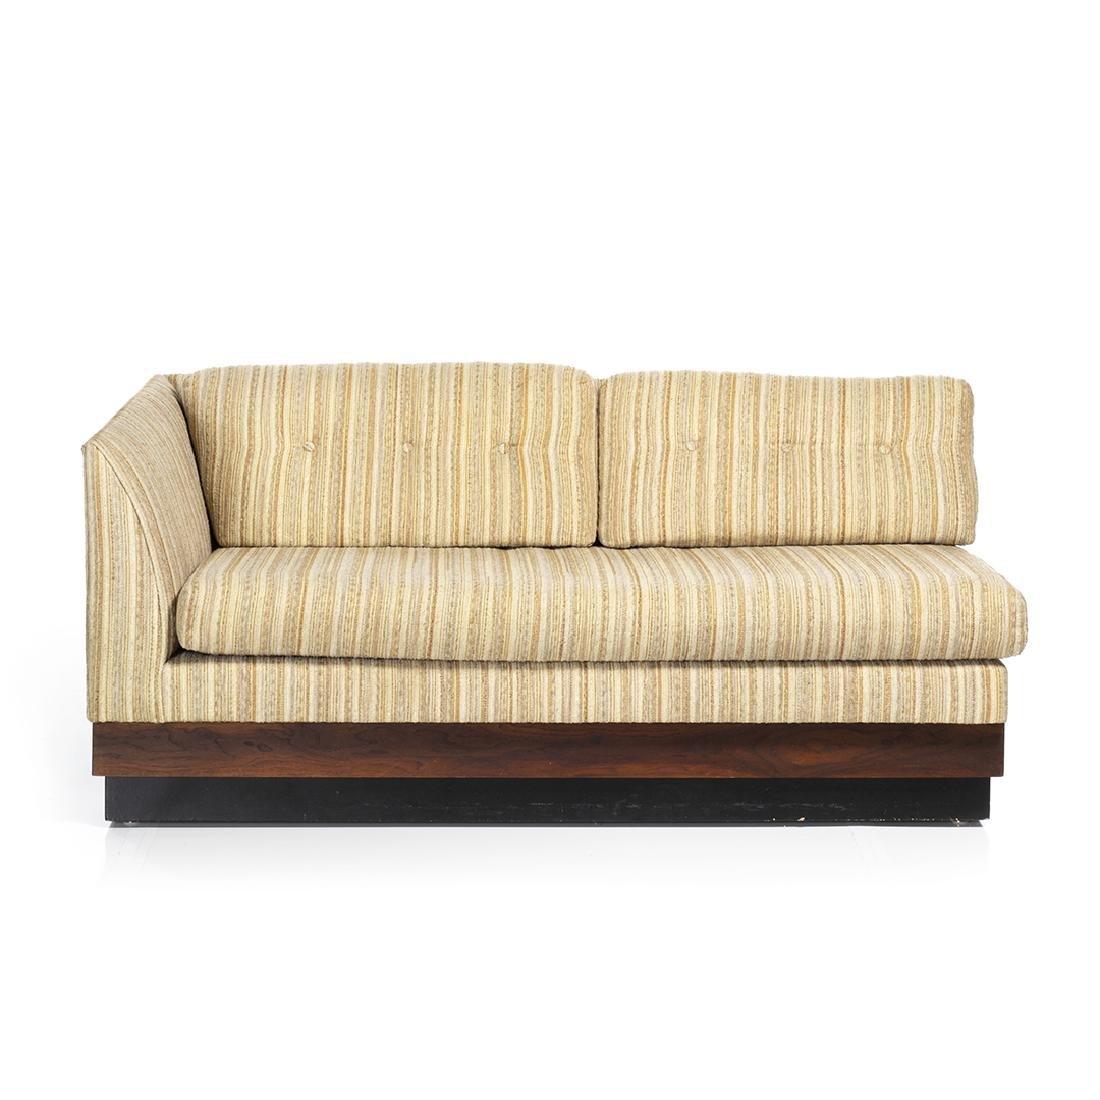 Milo Baughman Sectional Sofa - 2